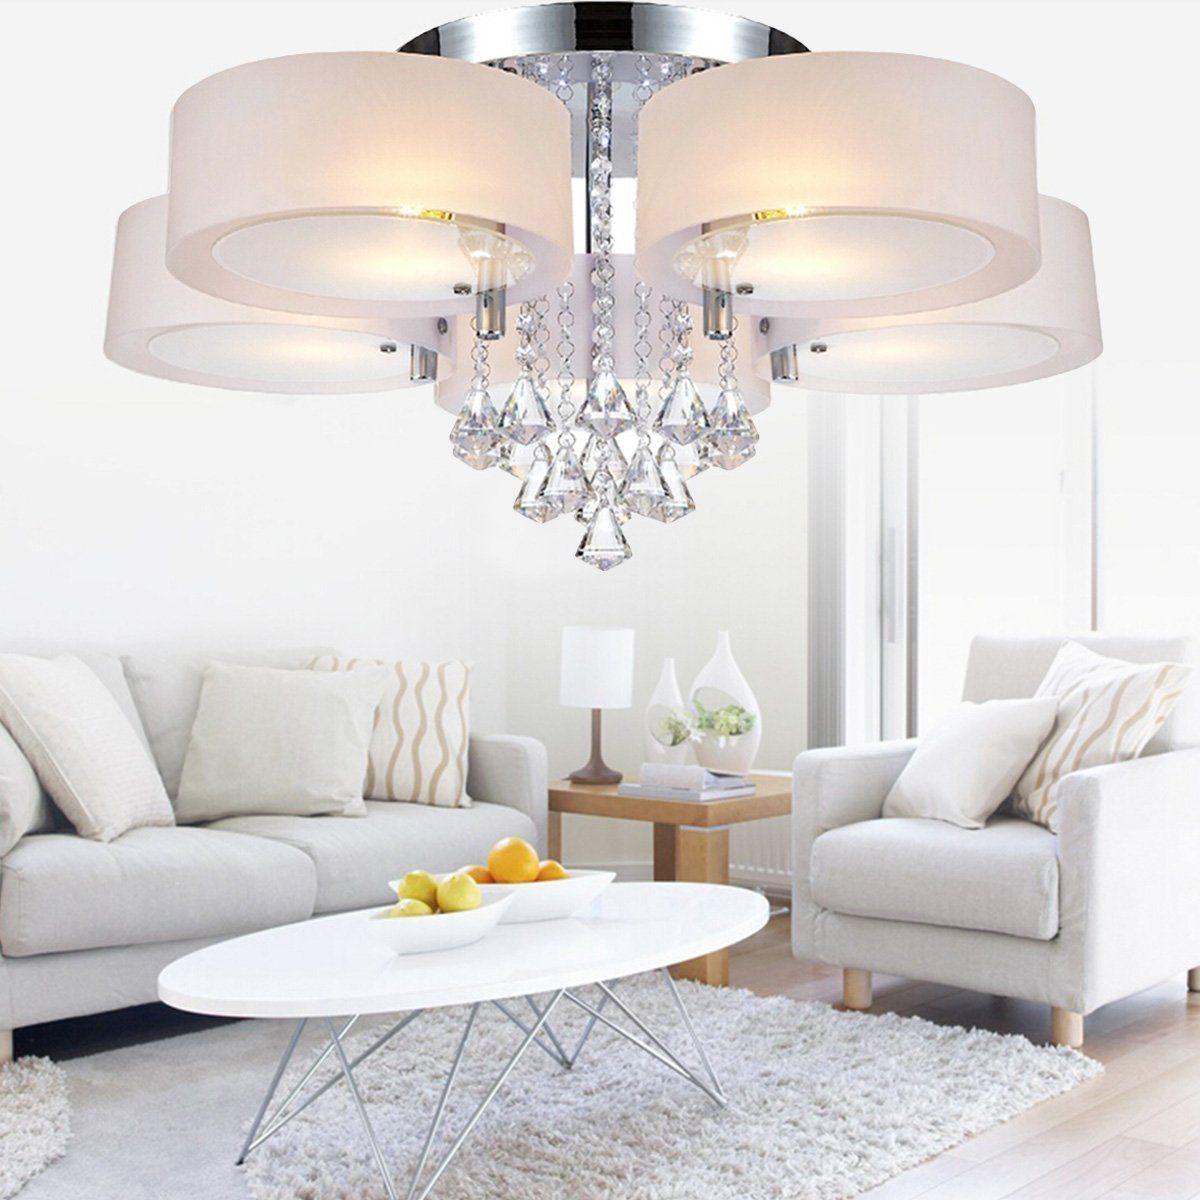 LEDNut Modern Ceiling Light Fixture, 5-Light Chandelier Semi-Flush ...